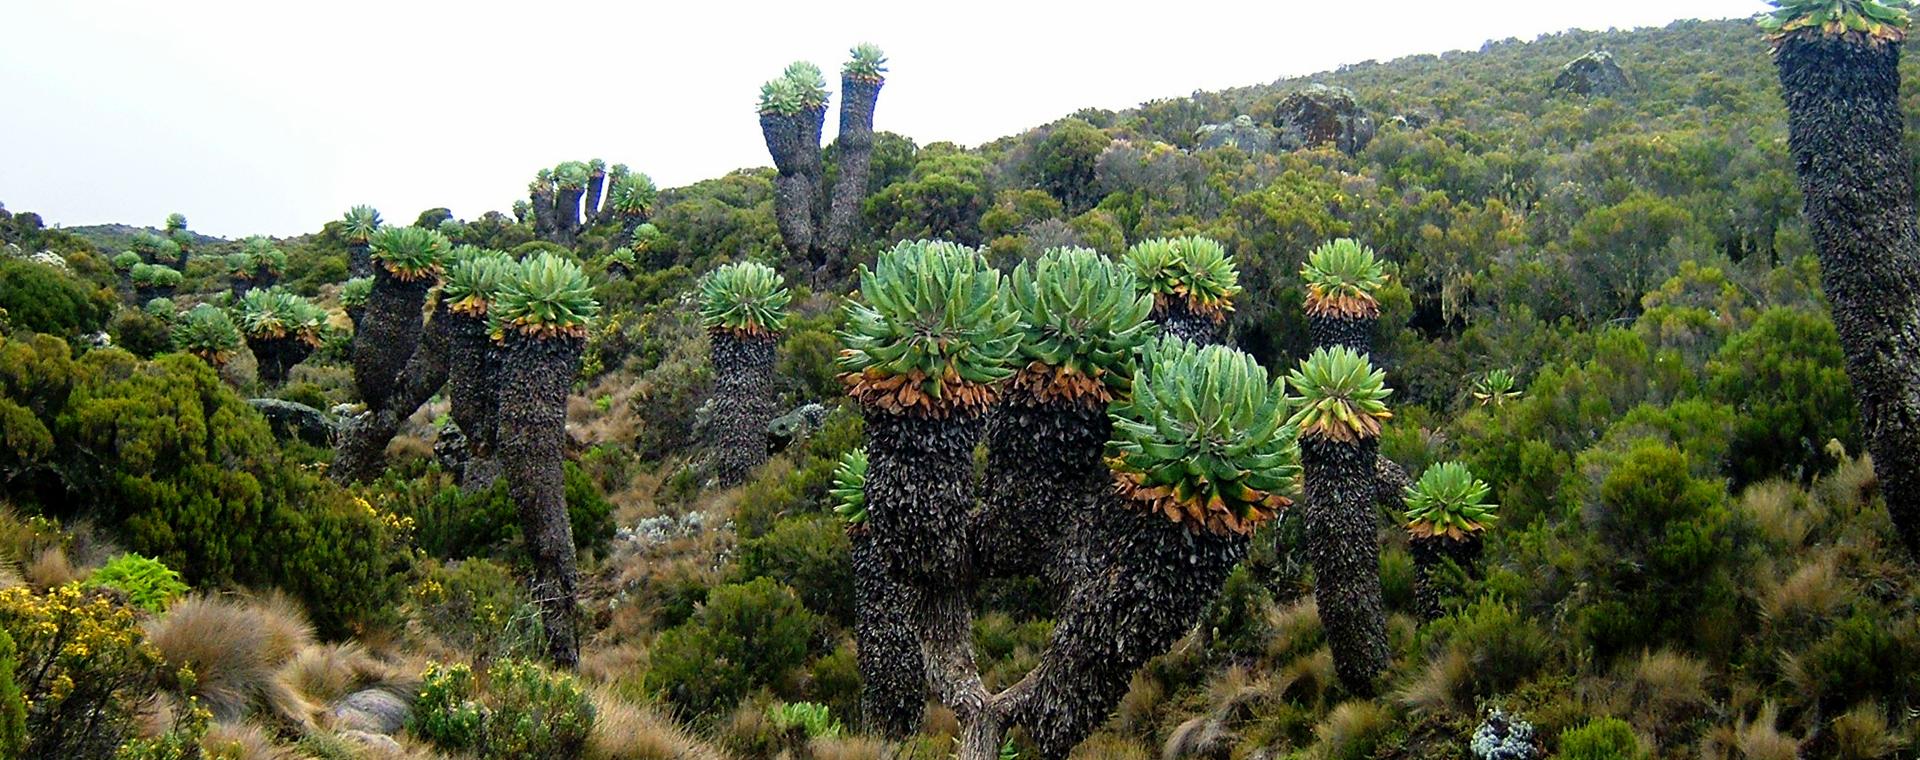 Image L'Ascension du Kilimandjaro par la voie Machame